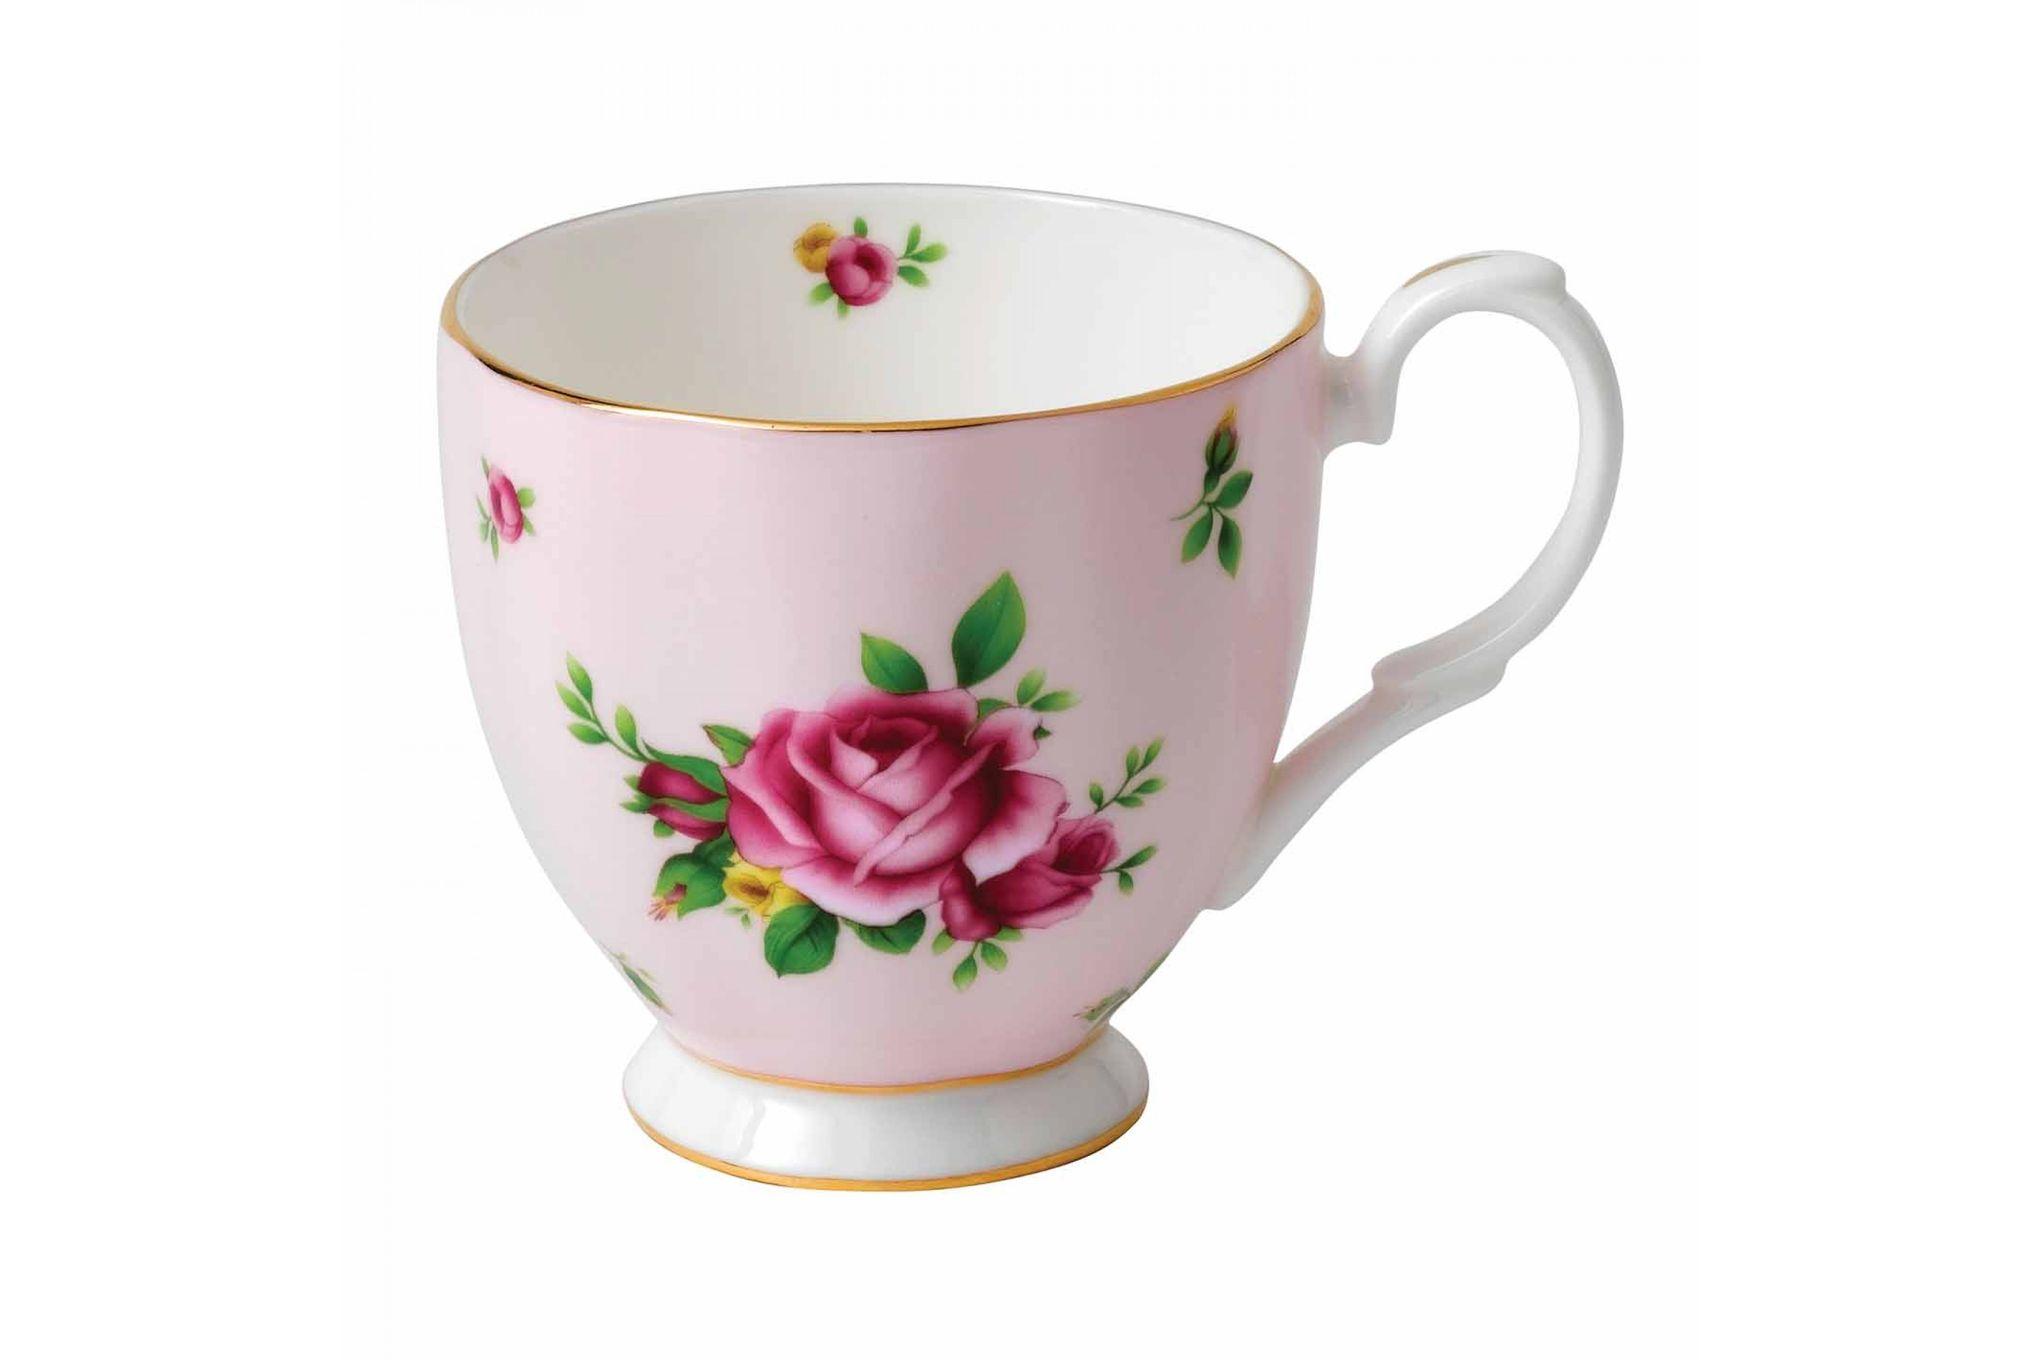 Royal Albert New Country Roses Pink Mug Footed 0.3l thumb 1